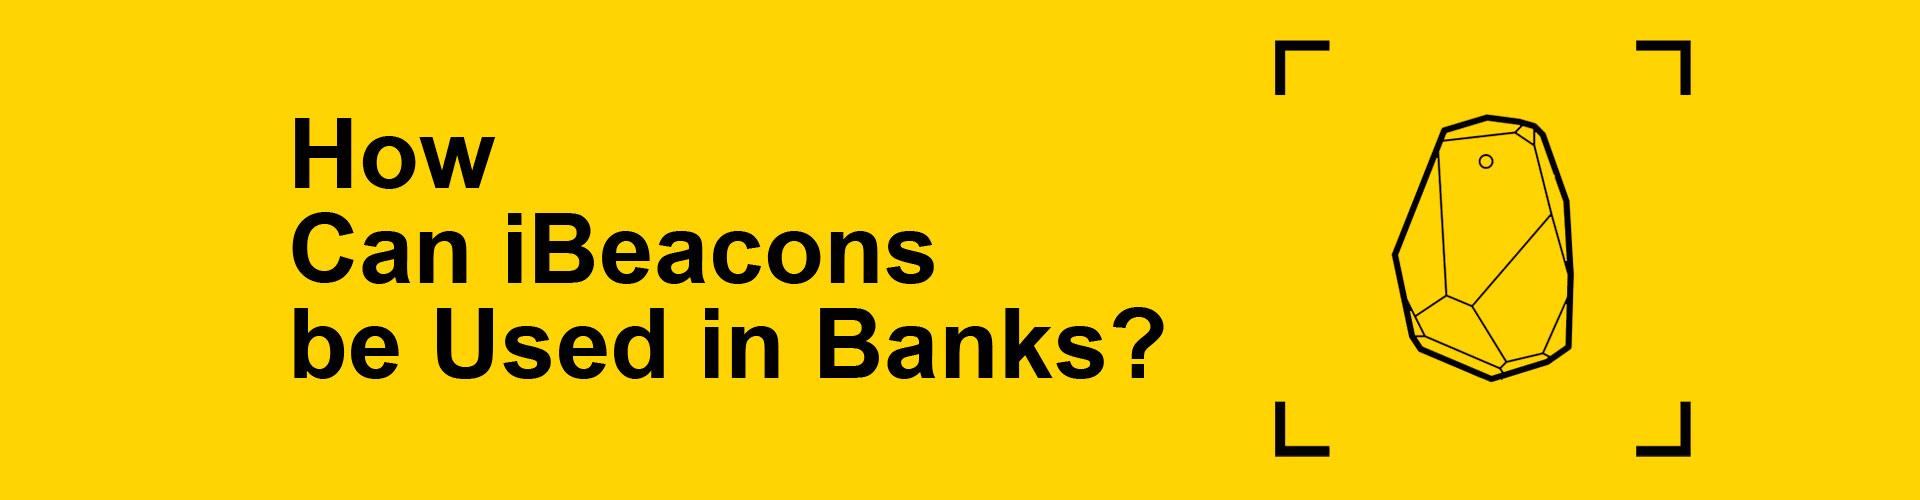 ibeacon and banks